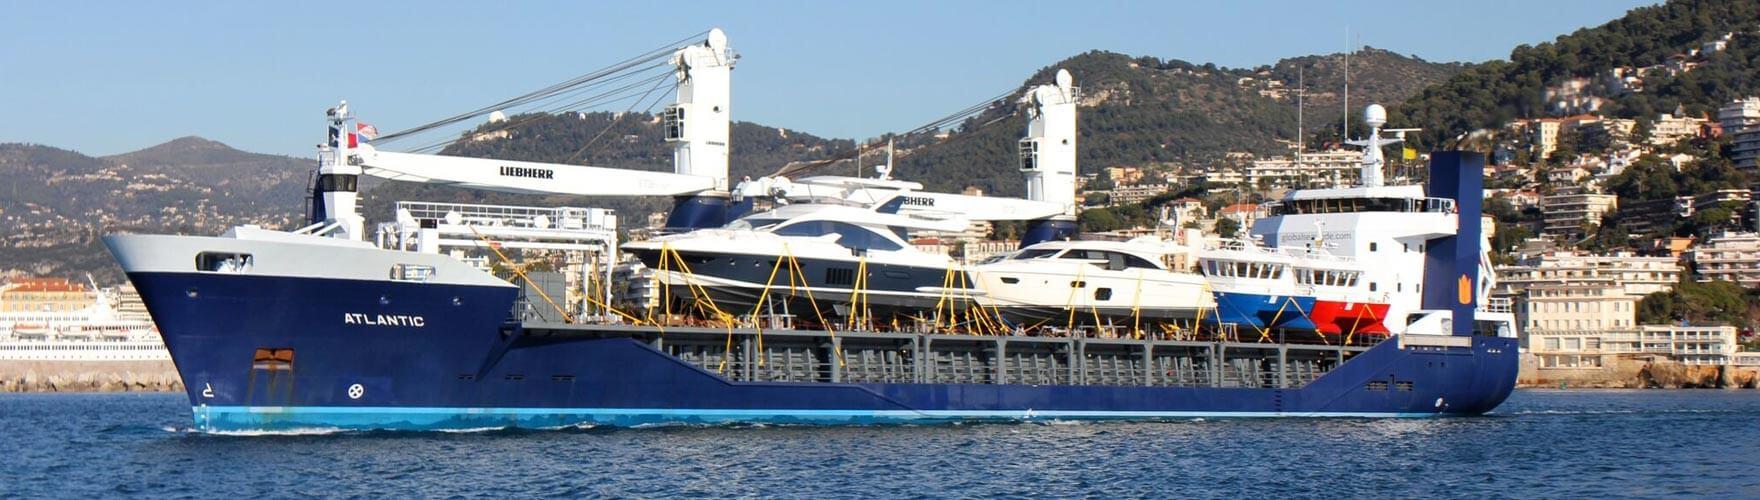 Star Class Yacht Transport